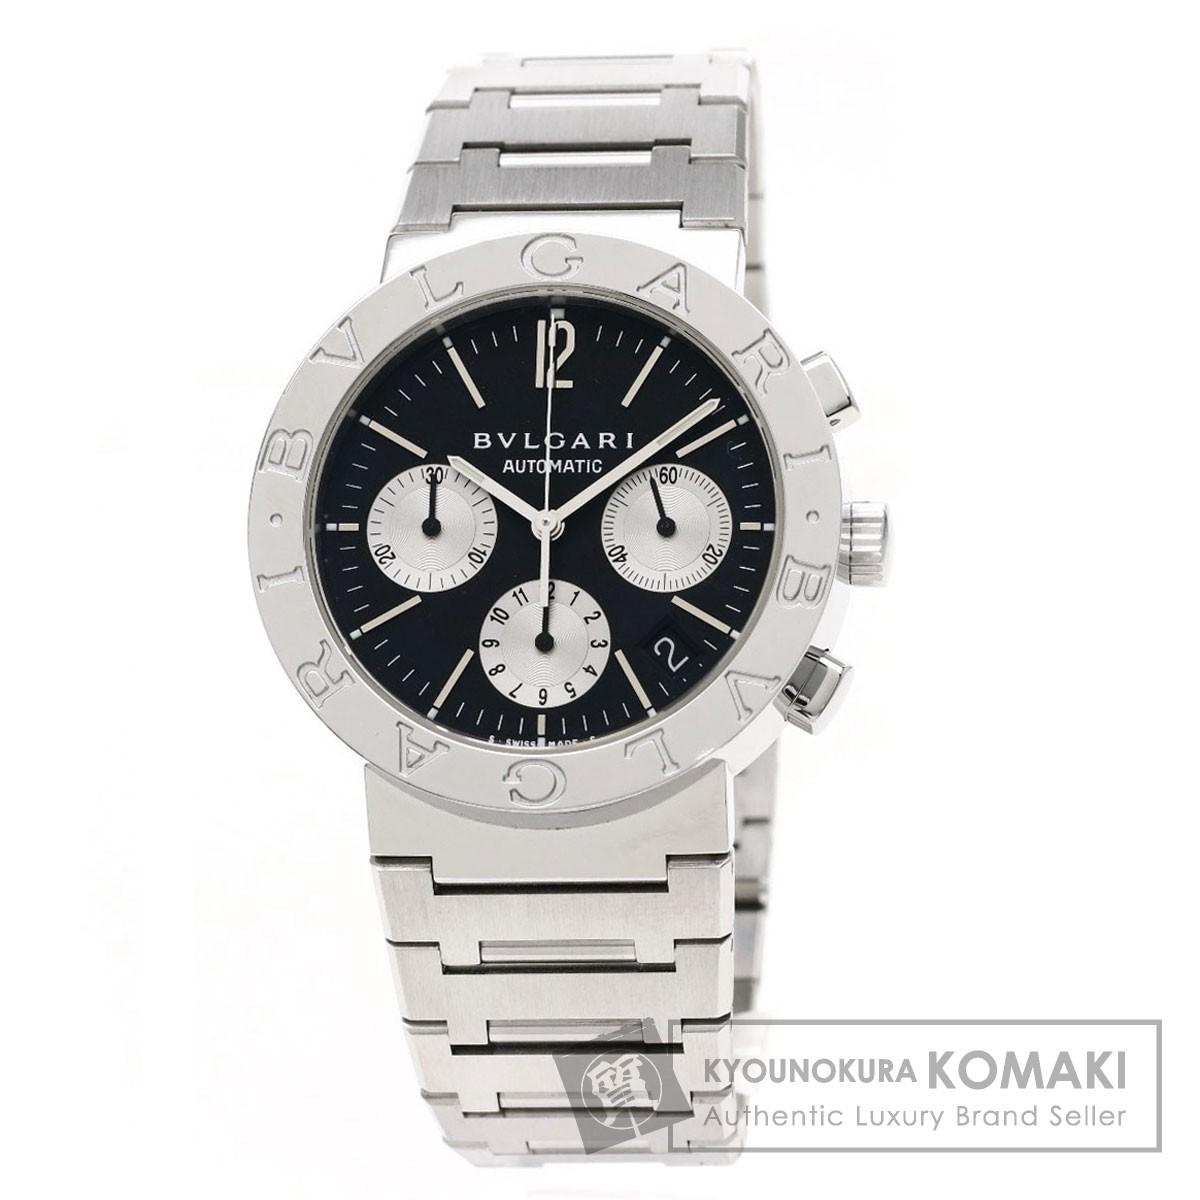 ブルガリ BB38SSDCH ブルガリブルガリ 腕時計 ステンレススチール/SS メンズ 【中古】【BVLGARI】